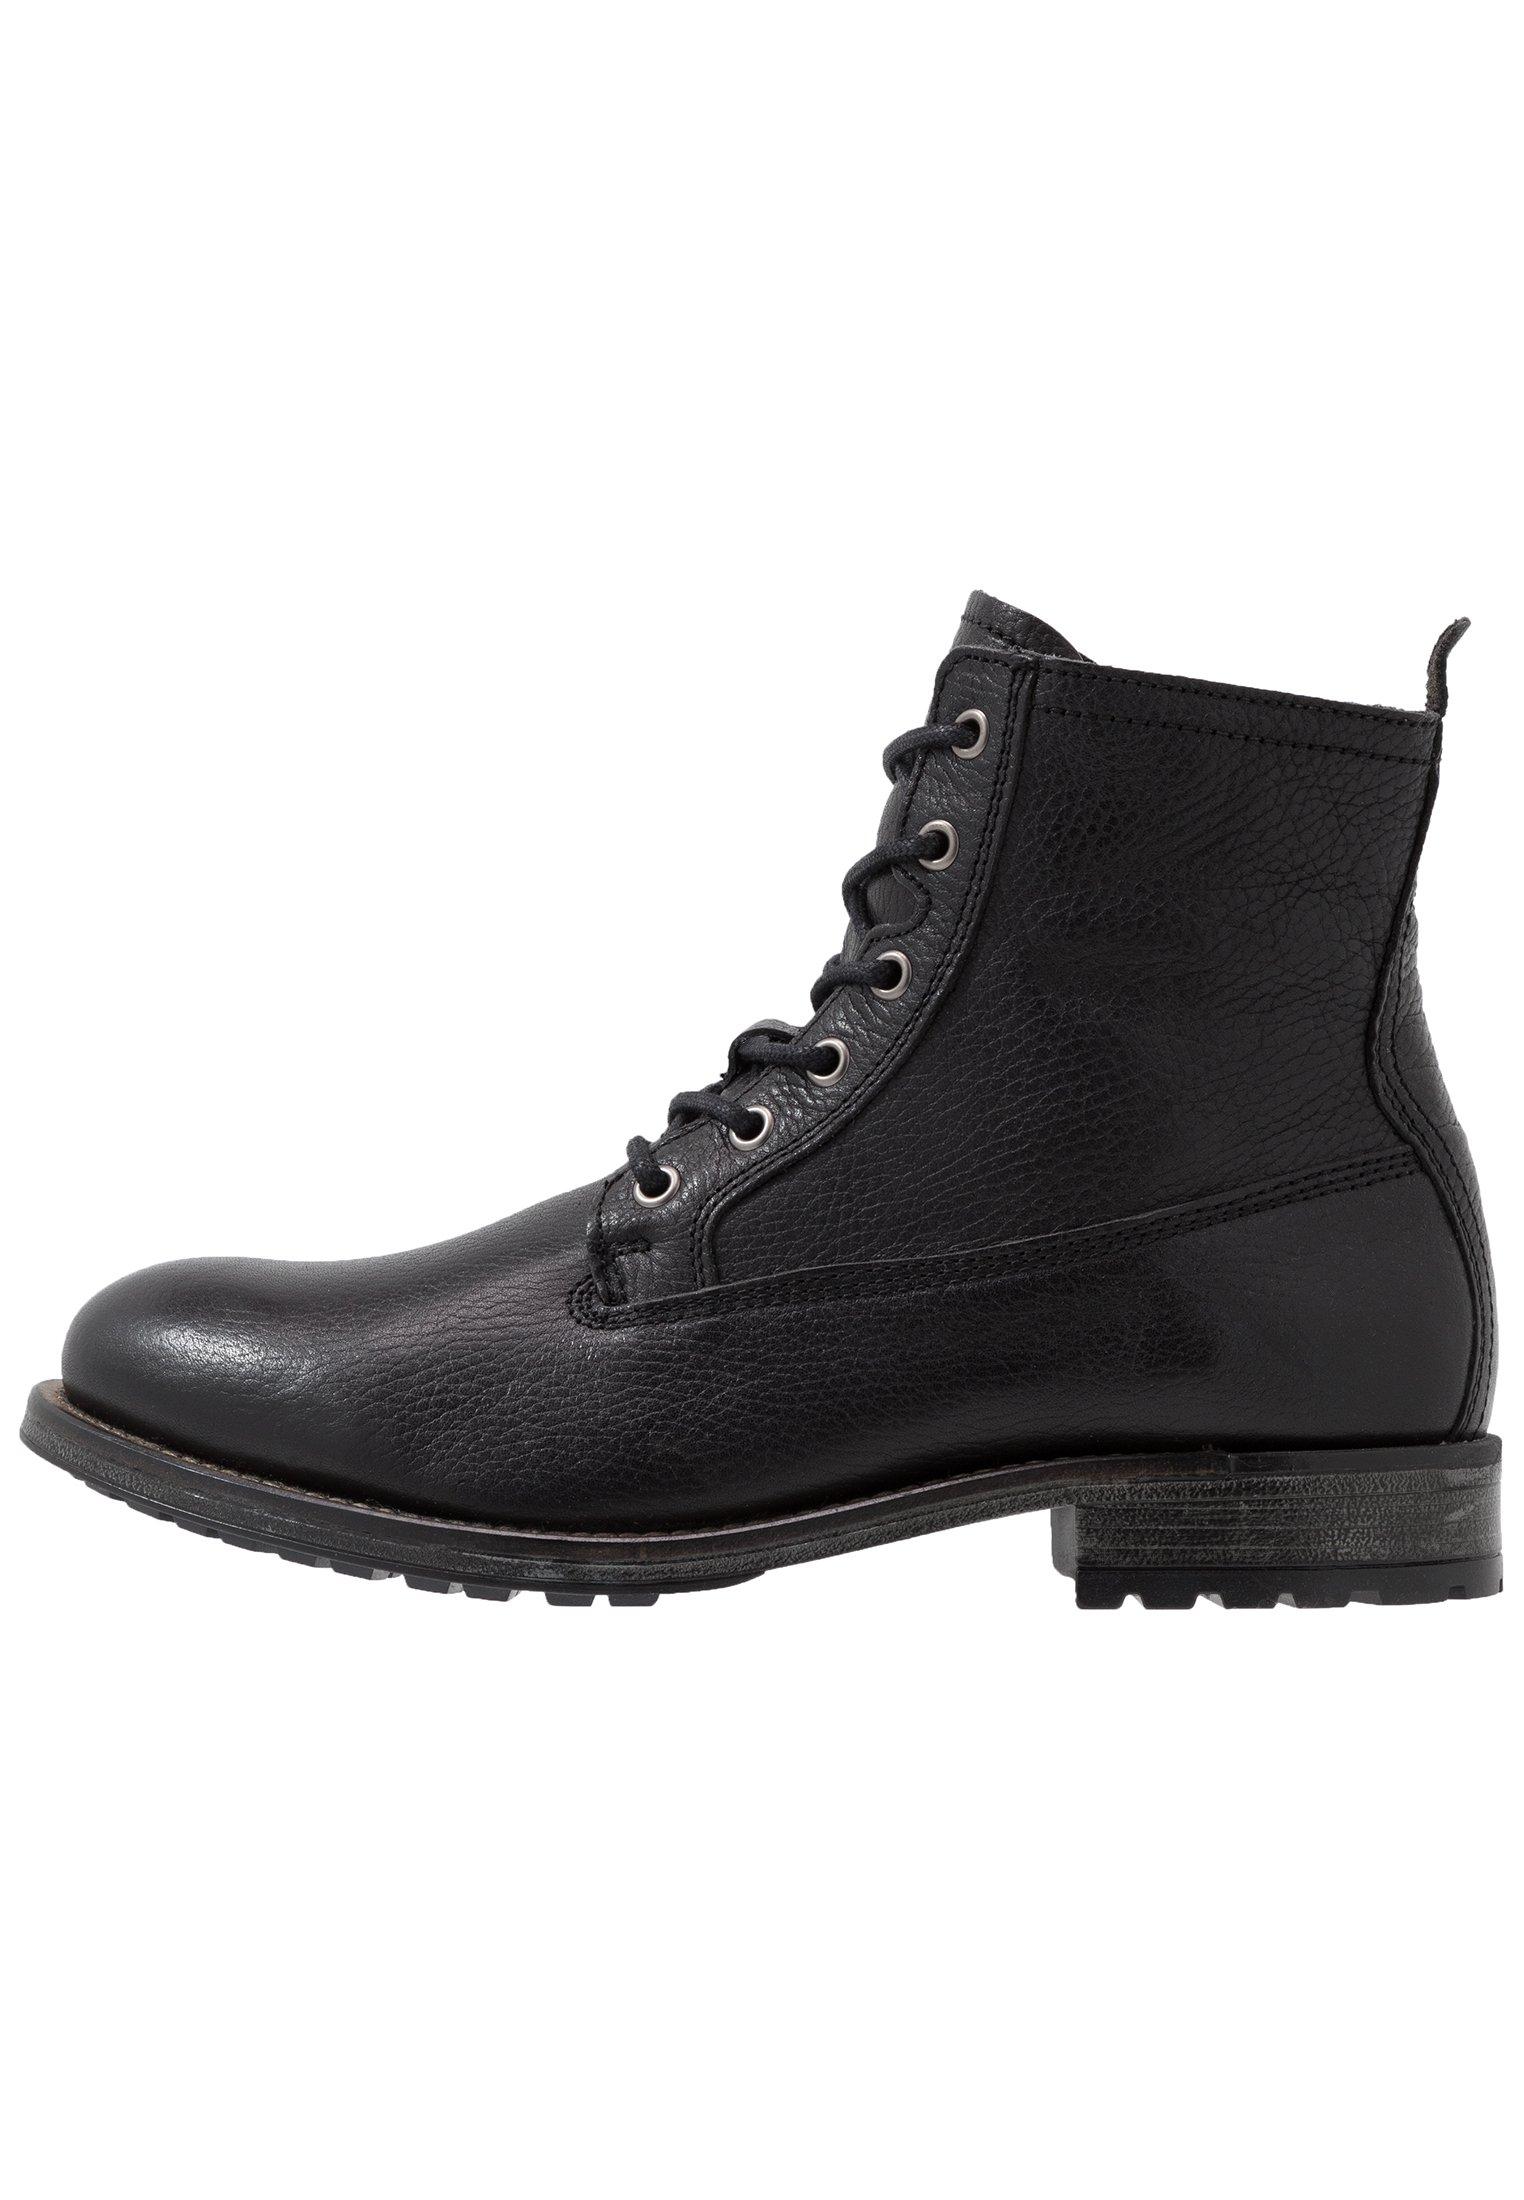 Boots & bottes homme   Tous les articles chez Zalando